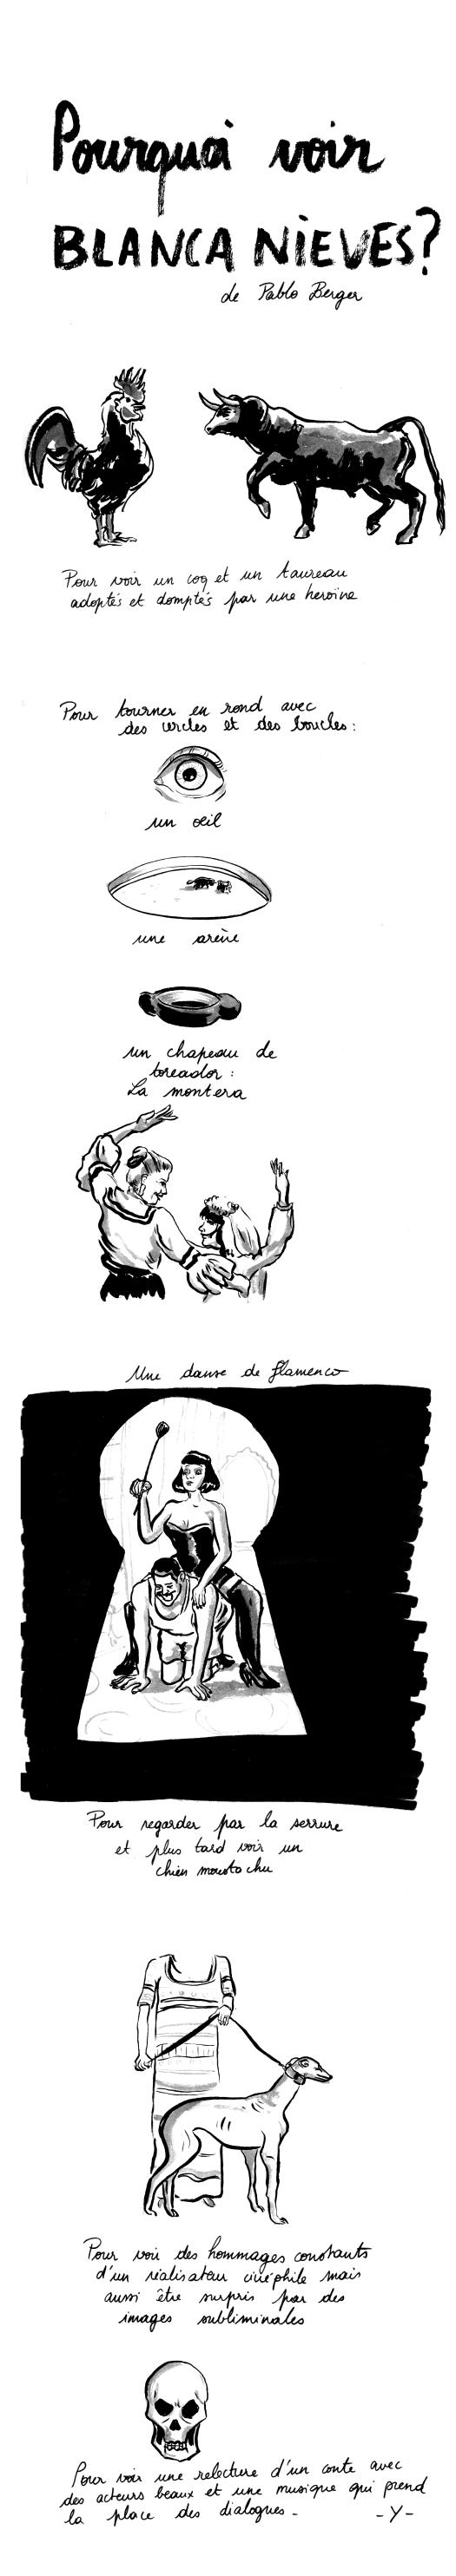 Blancanieves Berger Tashk.jpg